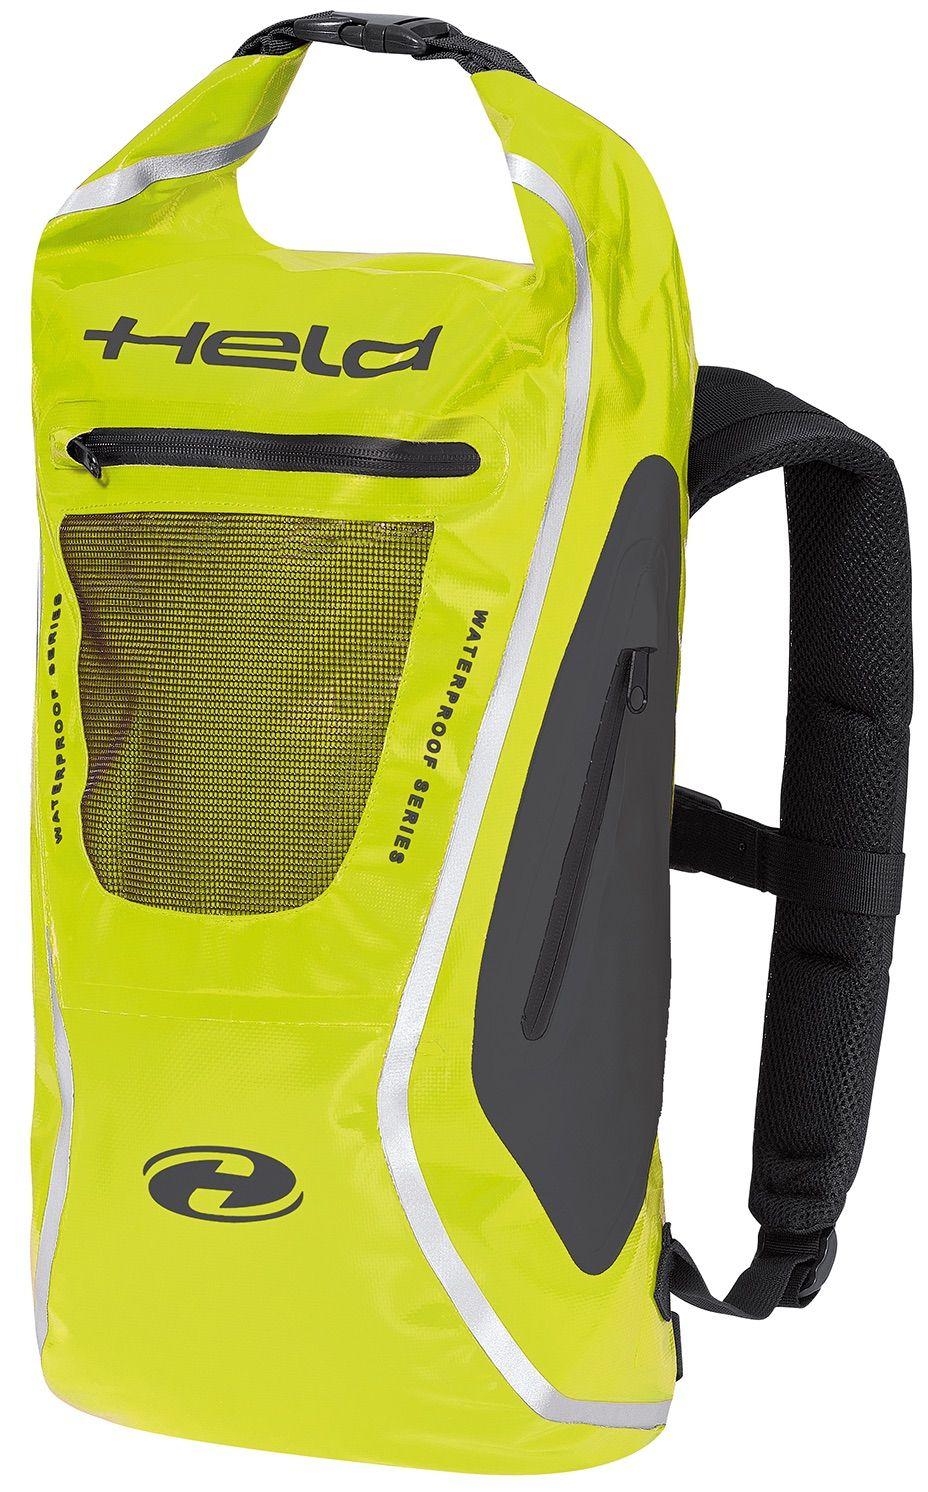 Held Zaino Waterproof Bike Rucksack Hi there Viz - http://www ...